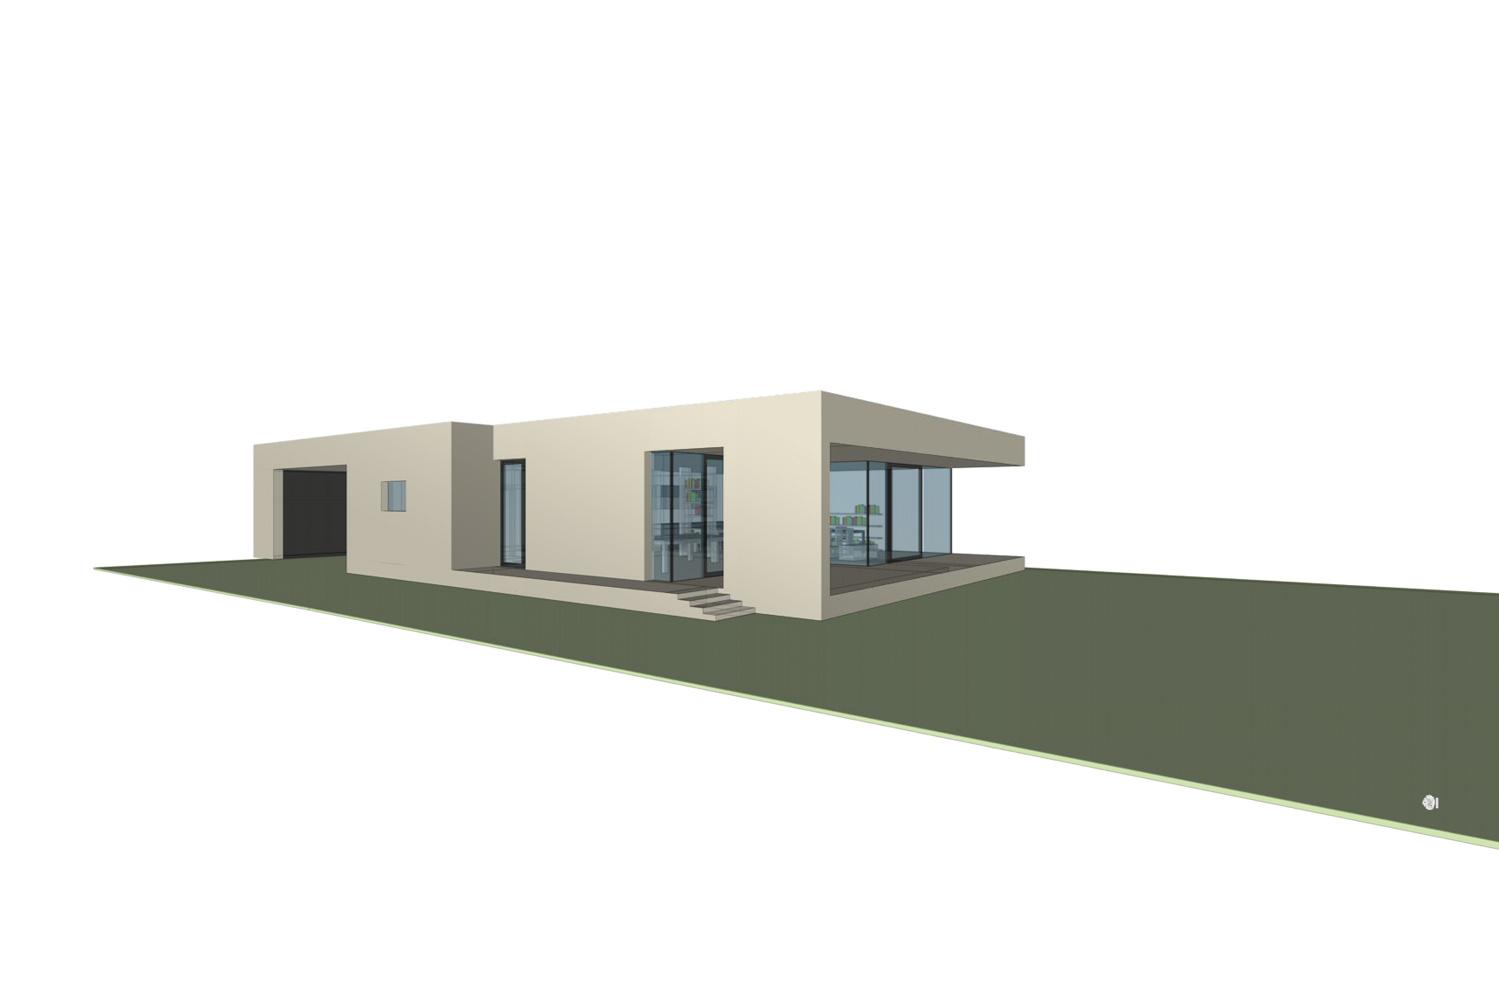 Konzept/Rendering eines Bungalows/Ateliers (Paschinger Architekten)